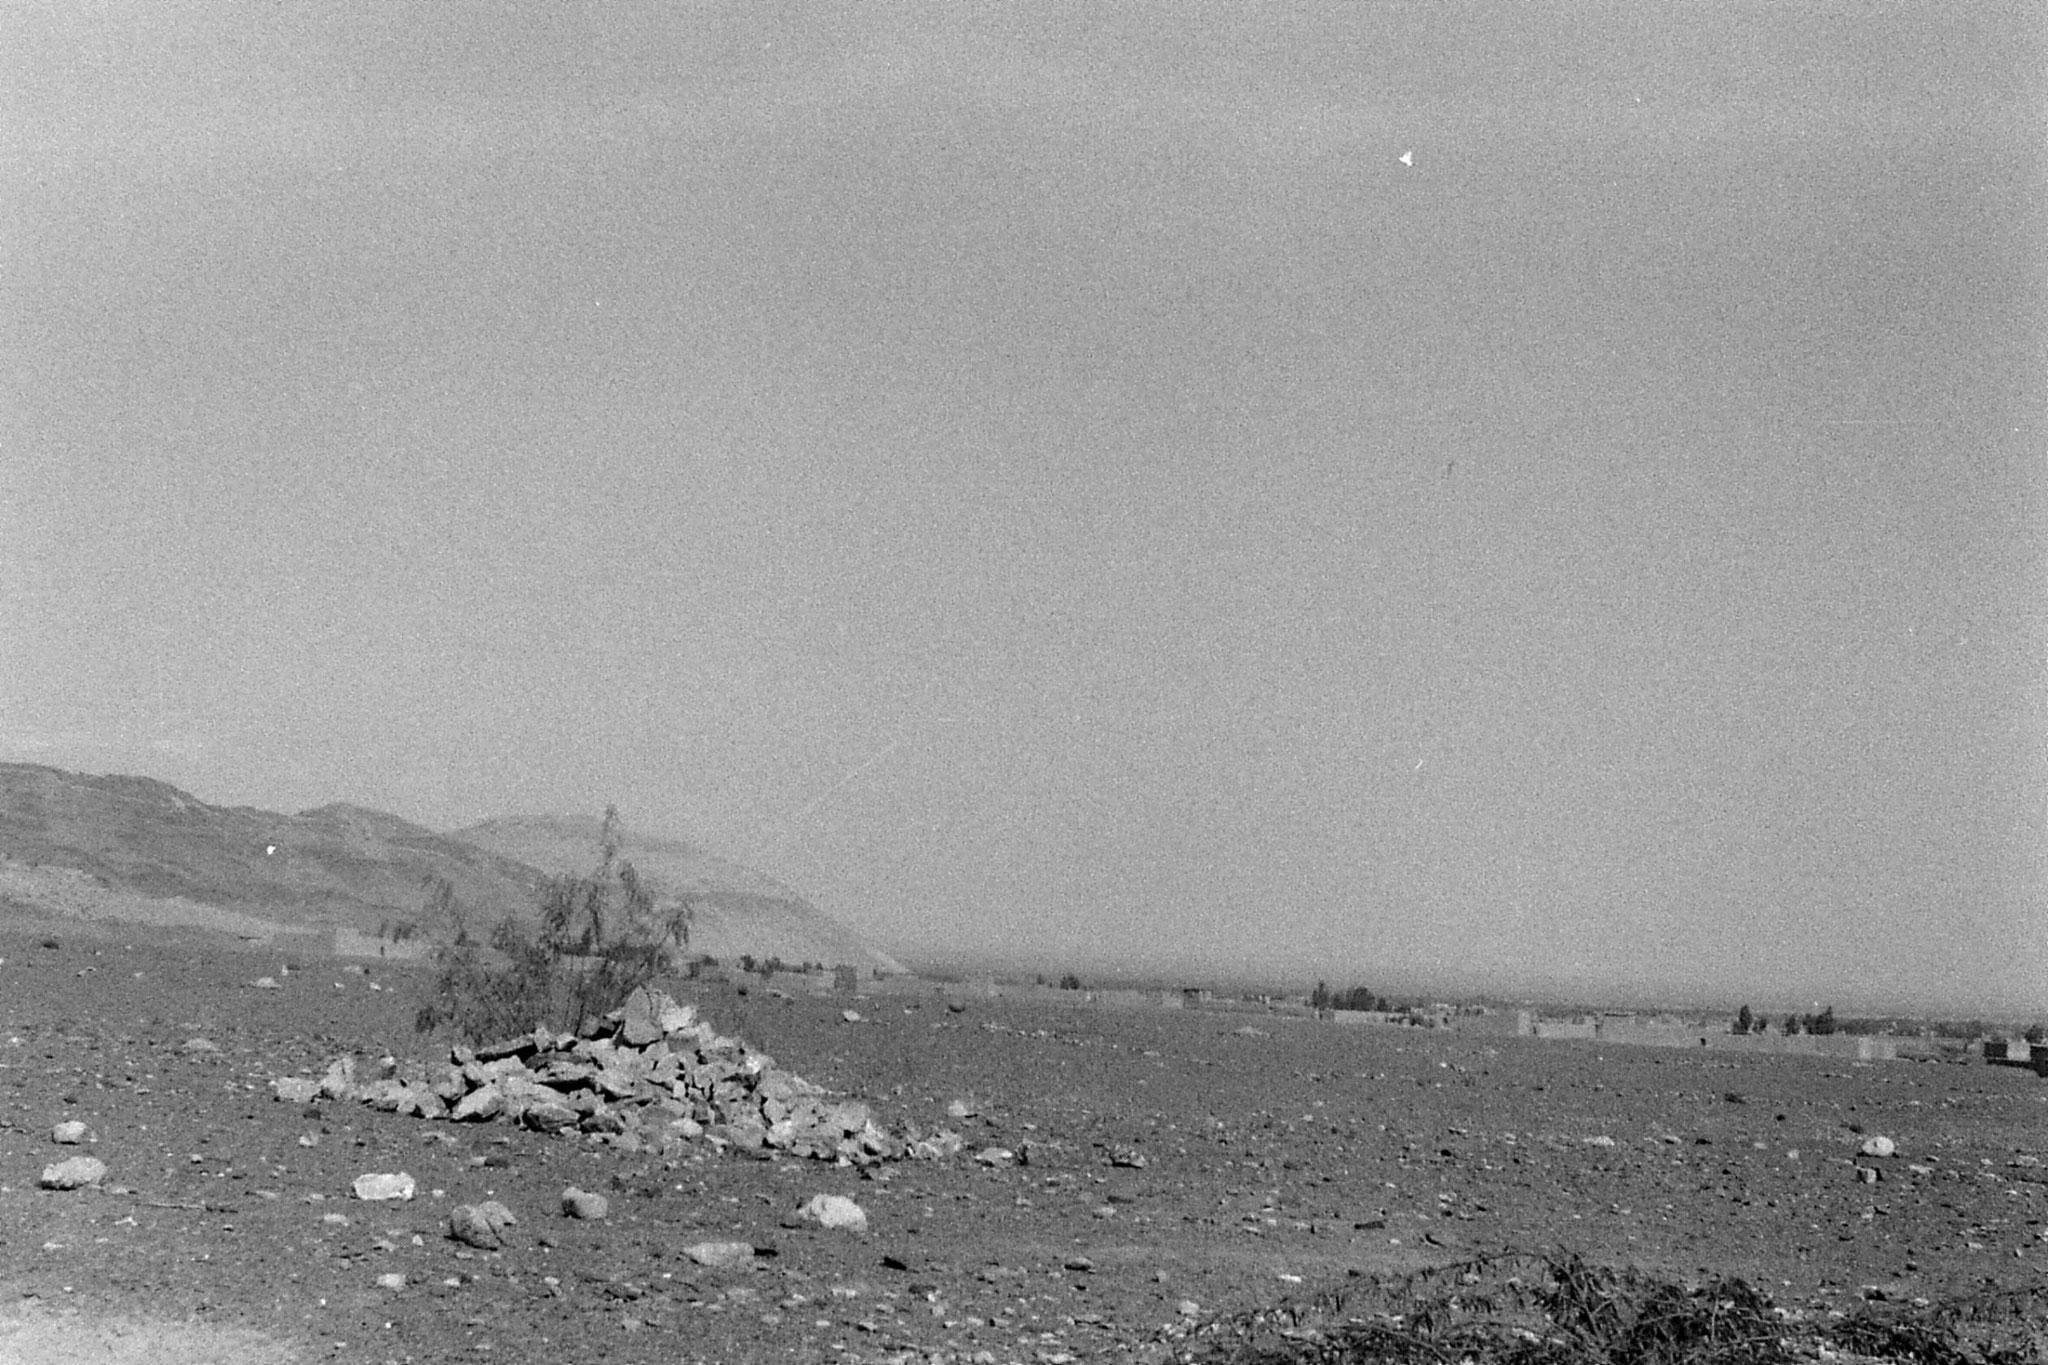 6/11/1989: 29: fortress across desert